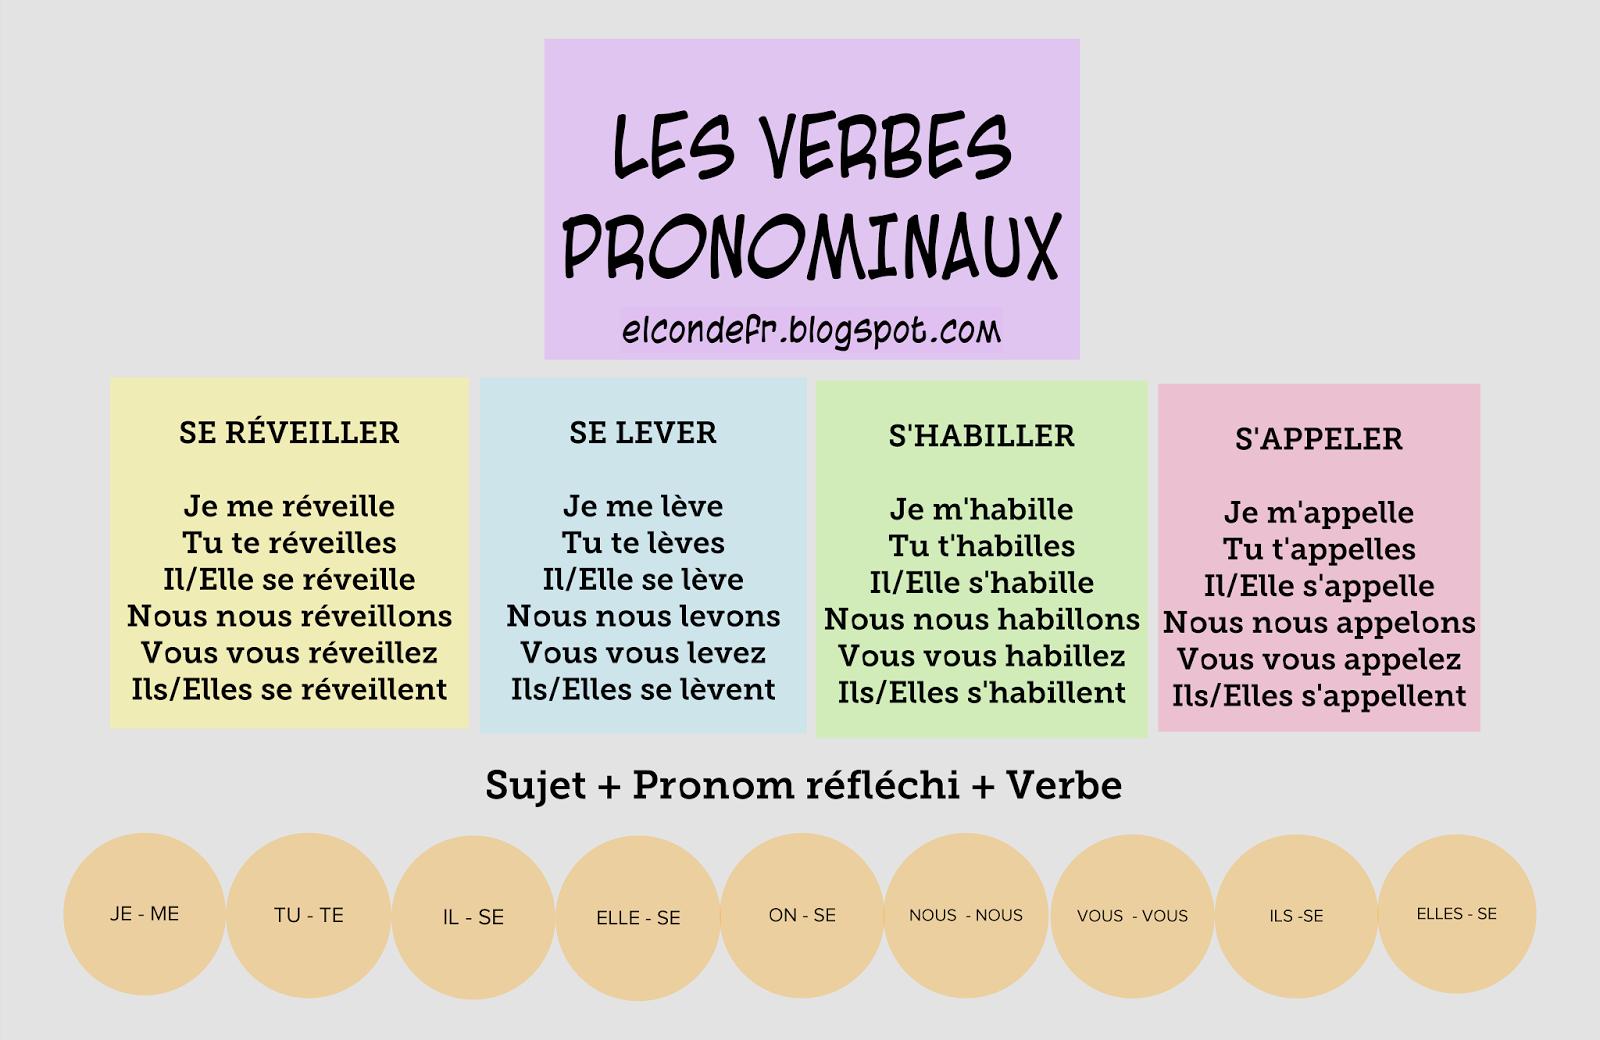 El conde fr les verbes pronominaux - Verbe se coucher en espagnol ...